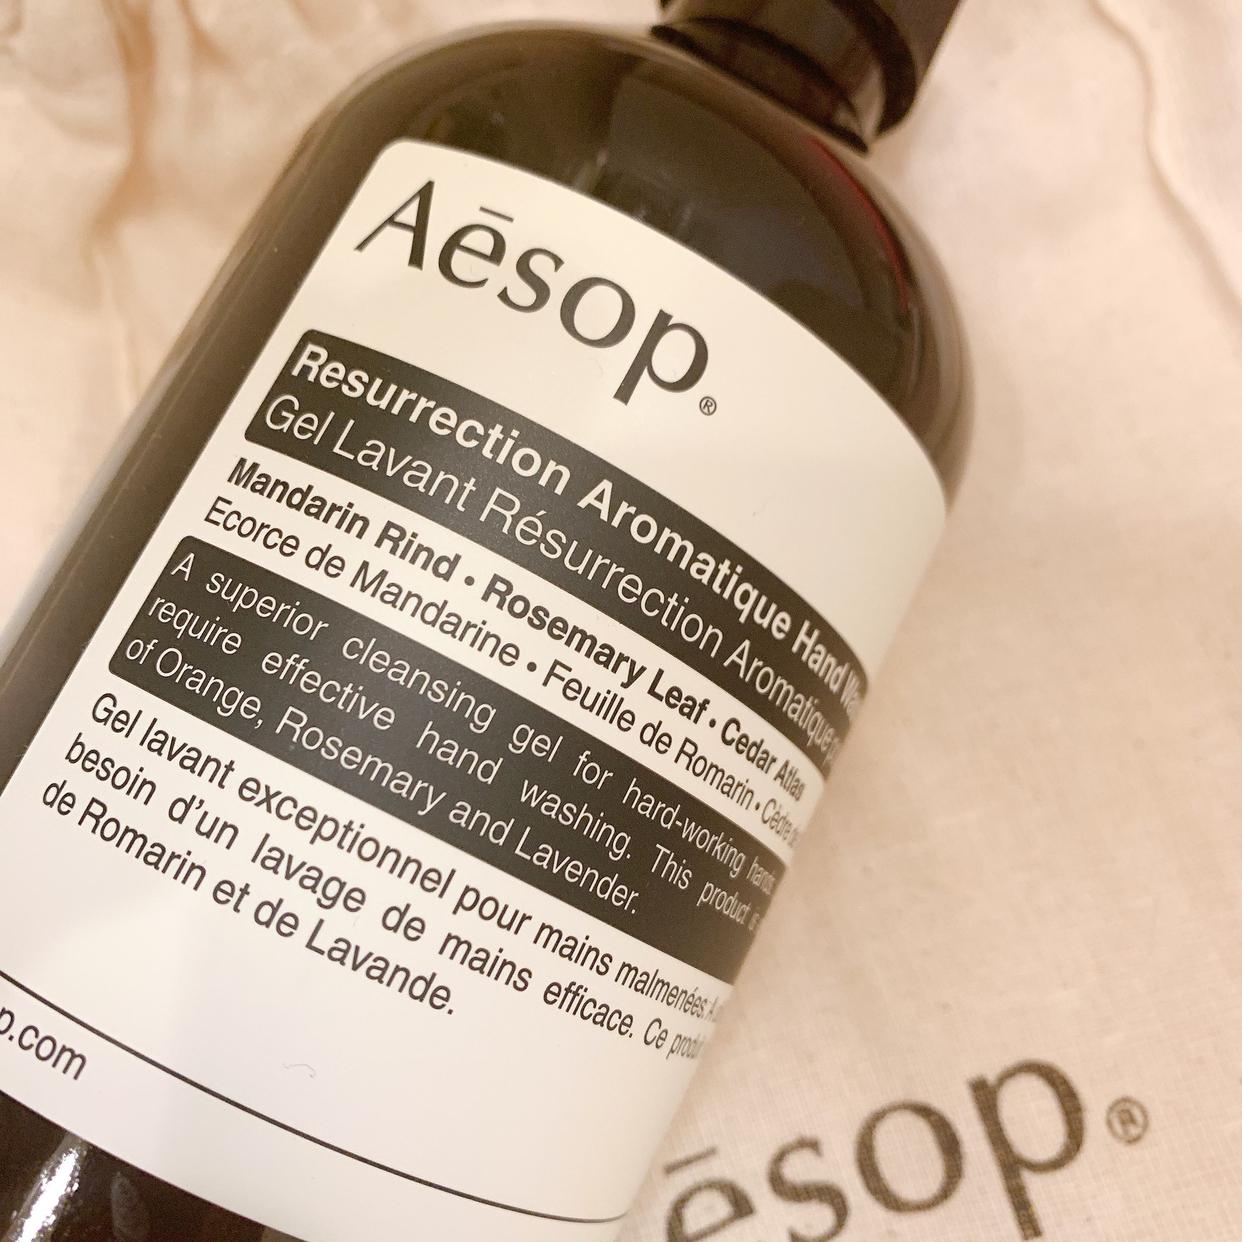 Aesop(イソップ) リンスフリー ハンドウォッシュ 500mlを使ったおもちもちこさんのクチコミ画像1